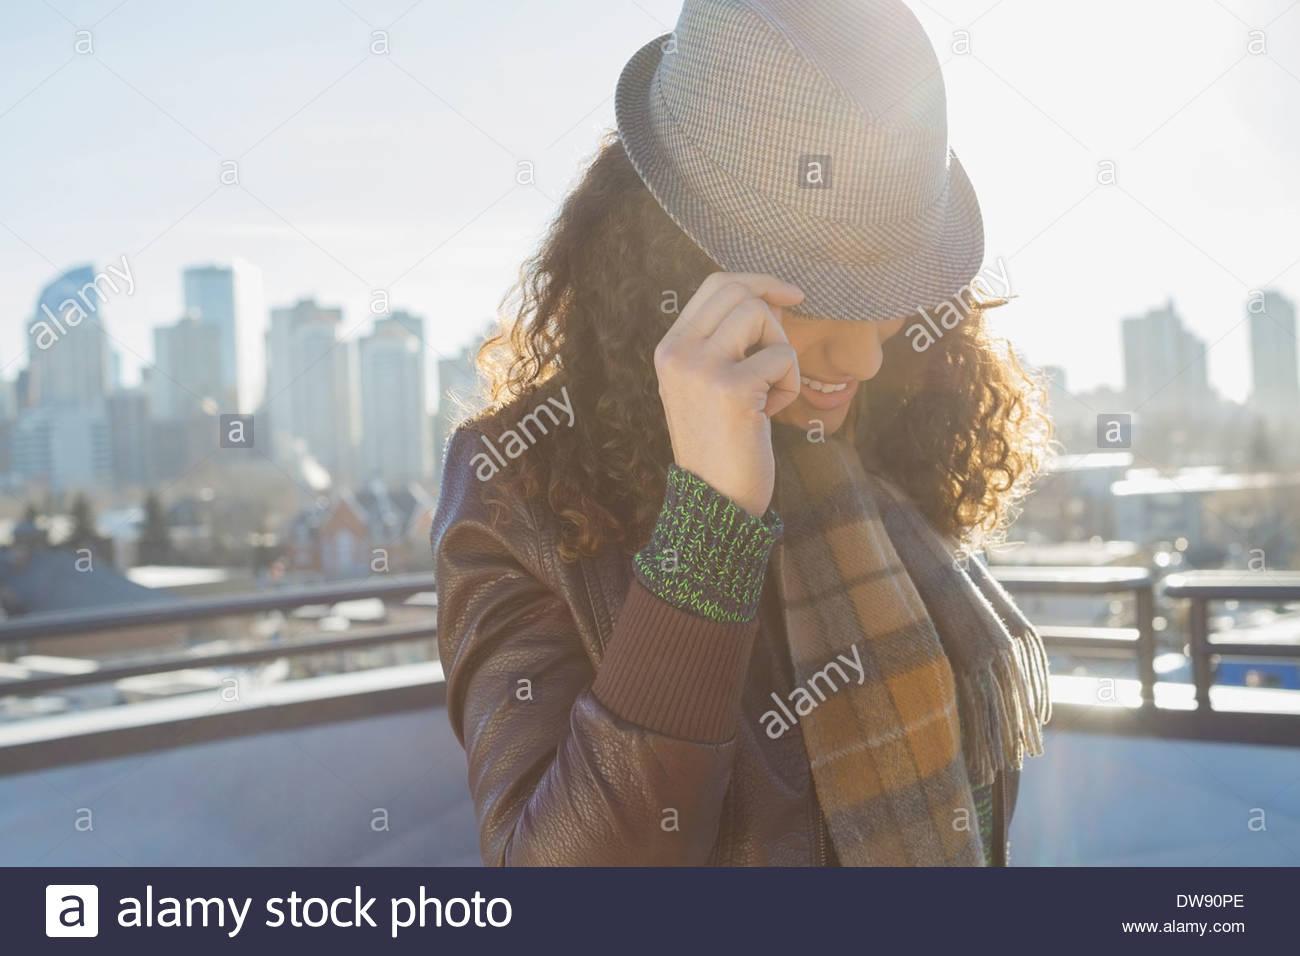 Moda donna indossa hat all'aperto Immagini Stock